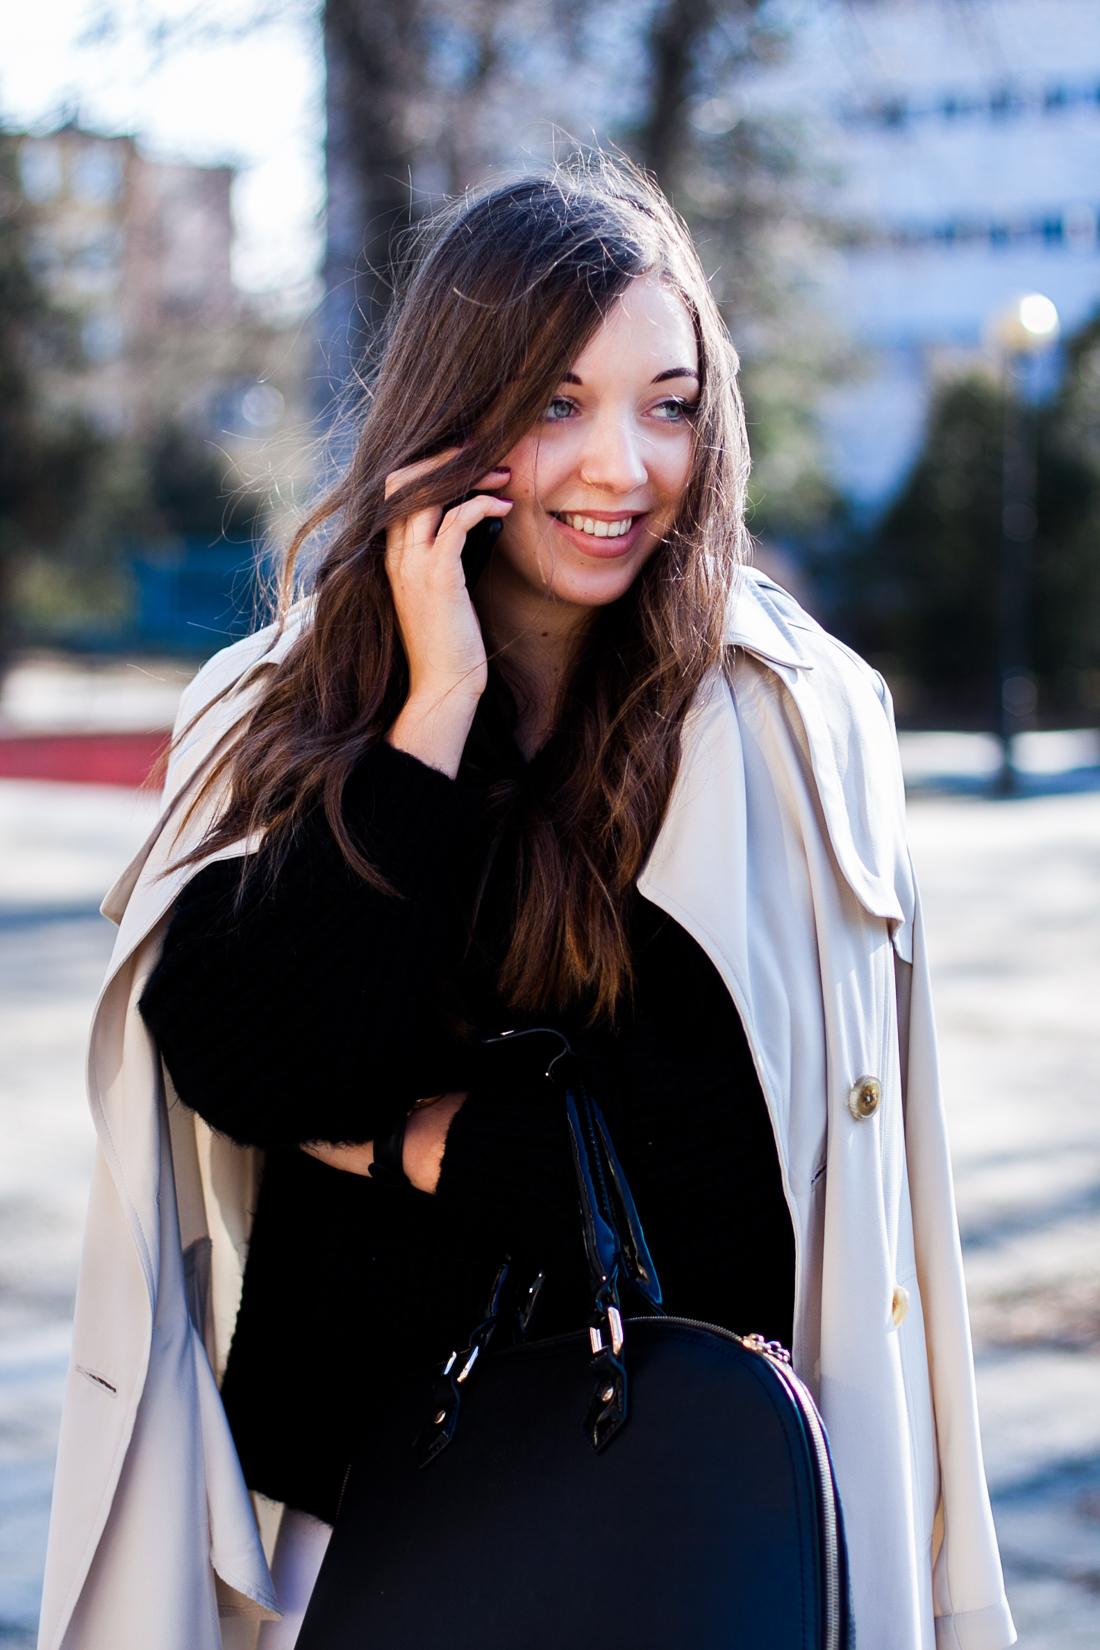 beżowy płaszcz prochowiec dorothy perkins stylizacja